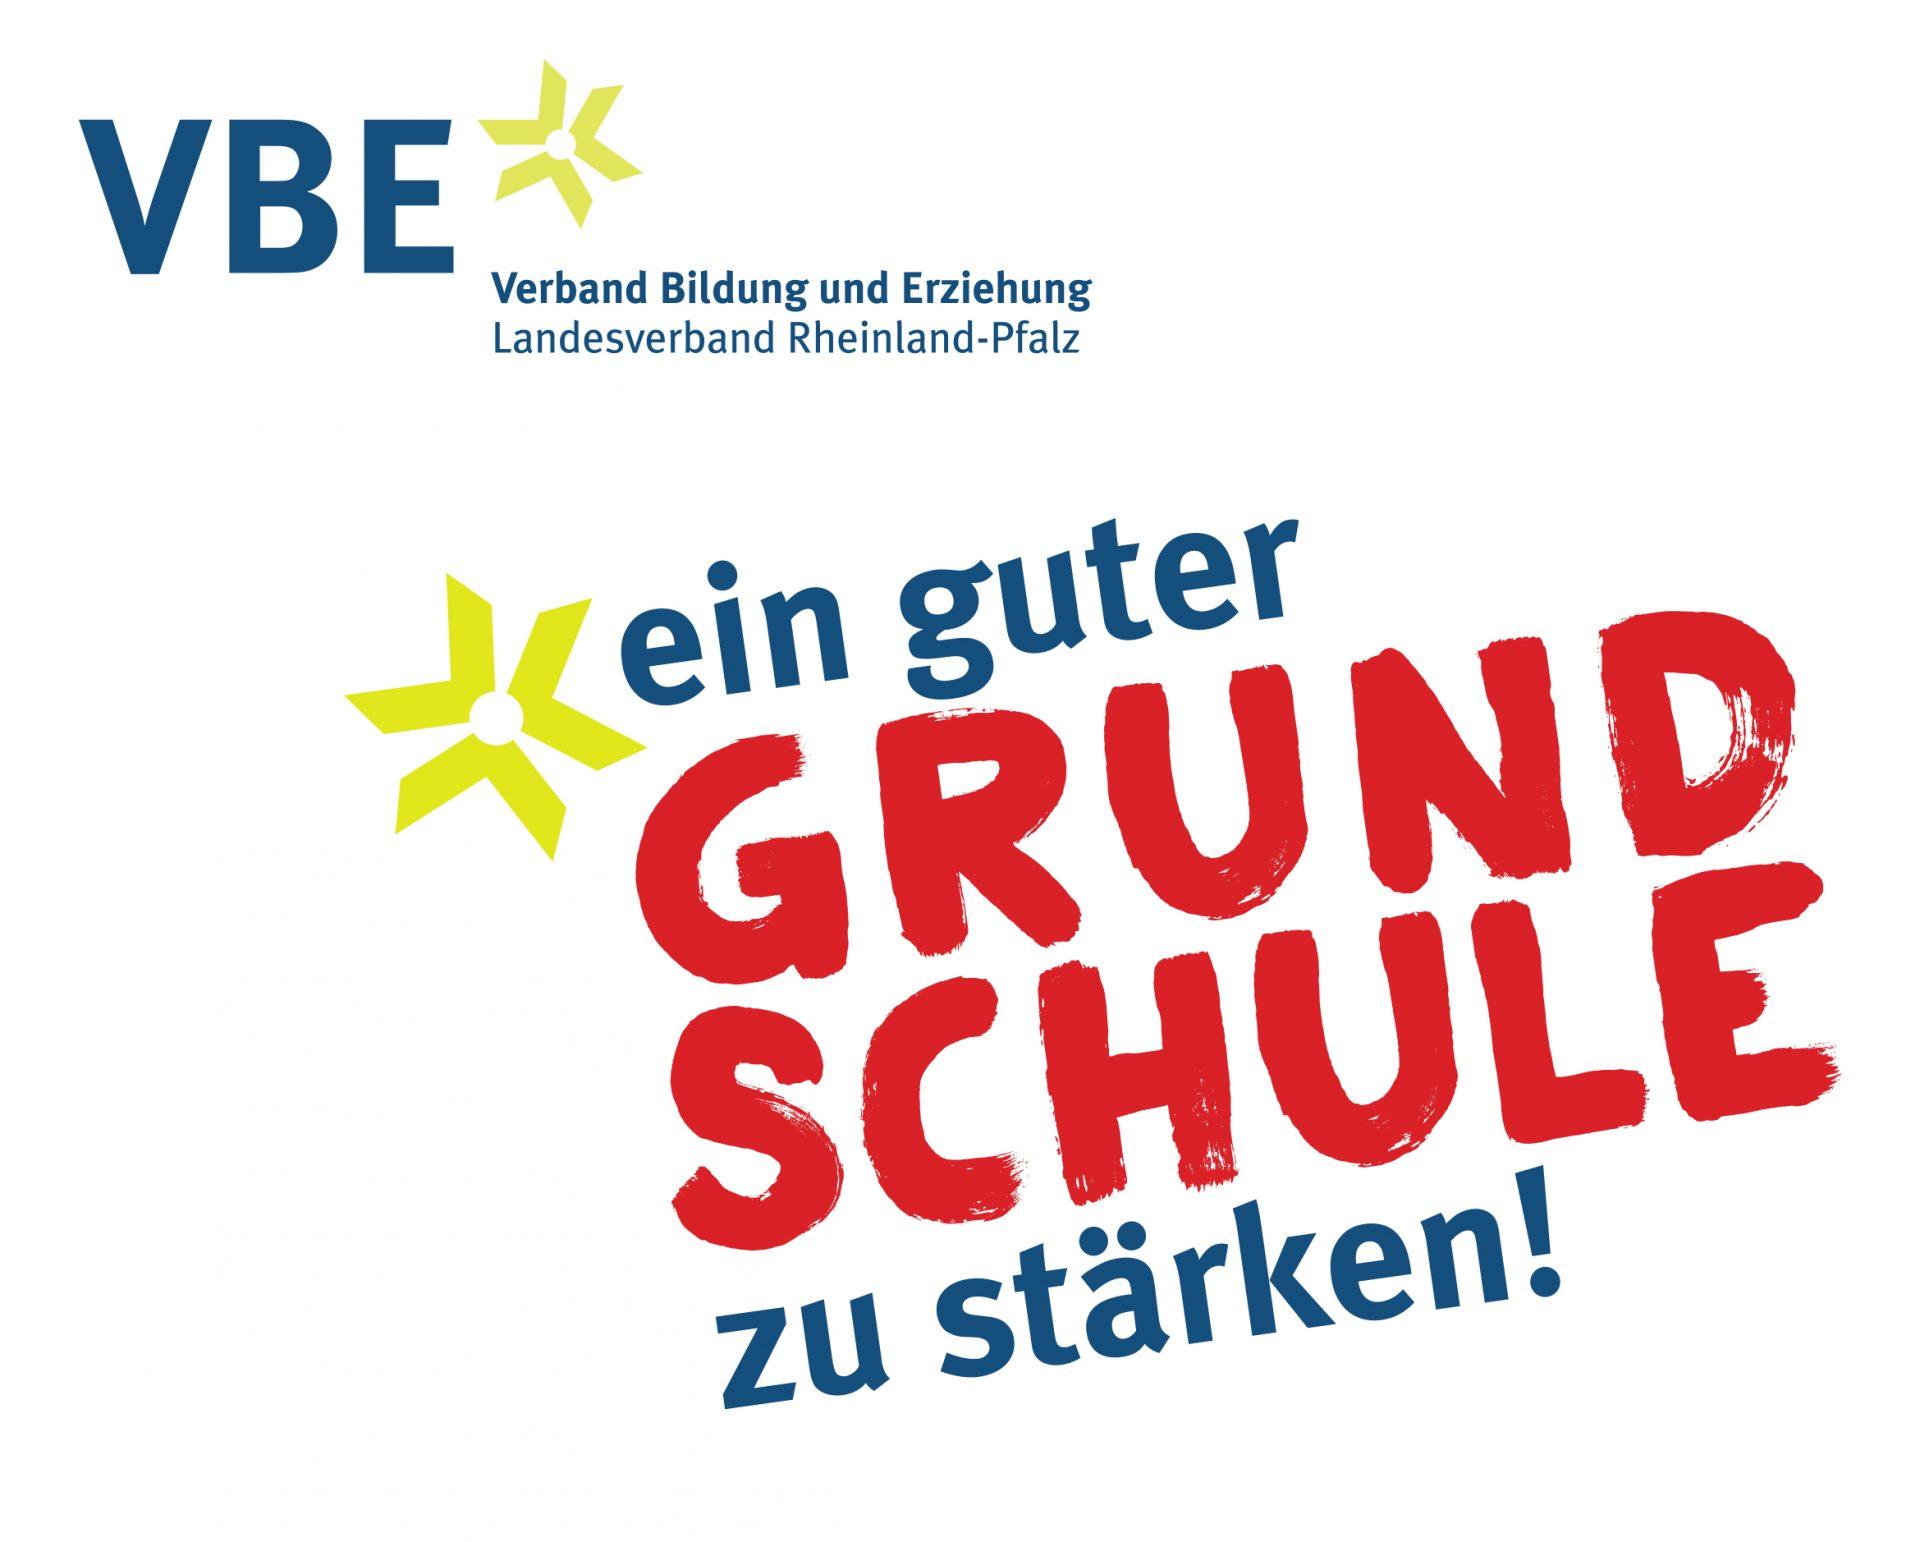 """Verbands-Logo und Entwurf des Kampagnen-Logos """"Ein guter Grund Schule zu stärken"""""""